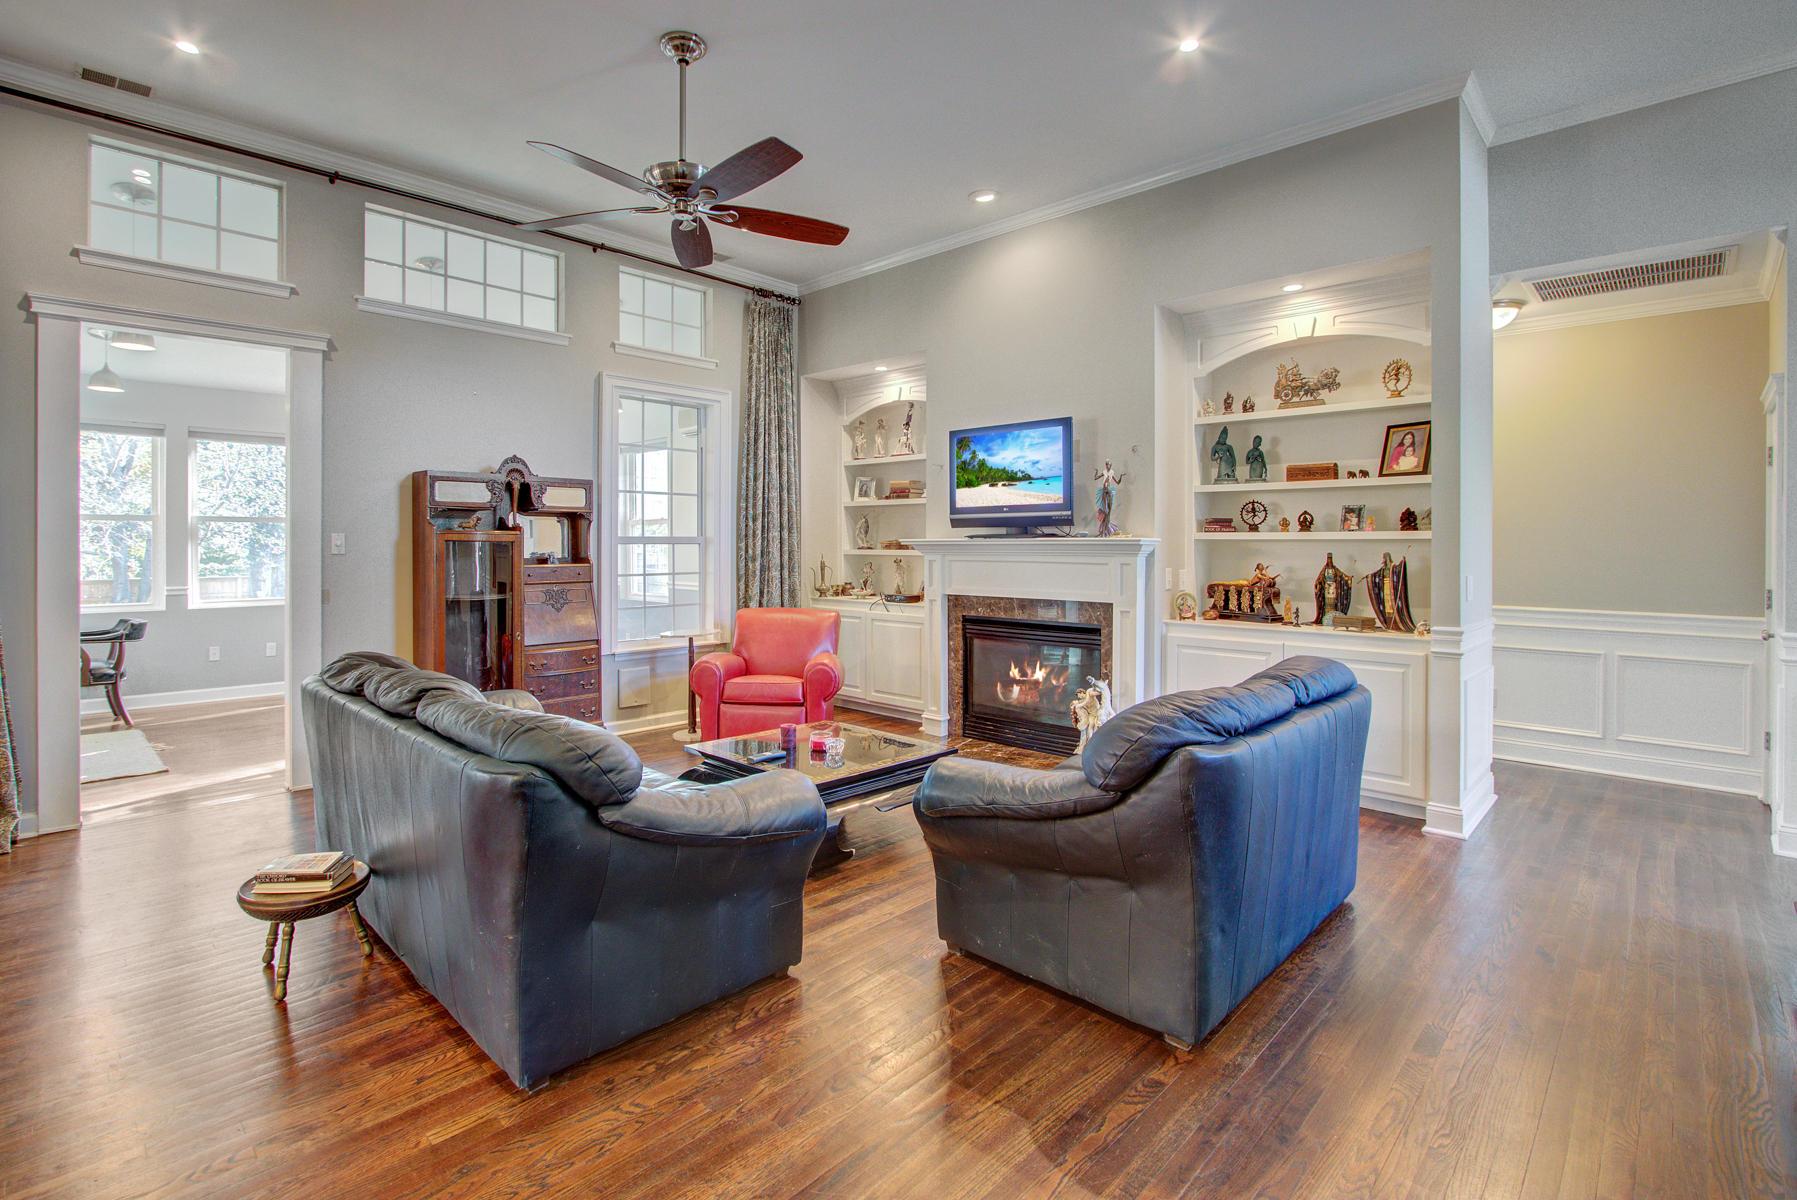 Dunes West Homes For Sale - 2104 Short Grass, Mount Pleasant, SC - 2